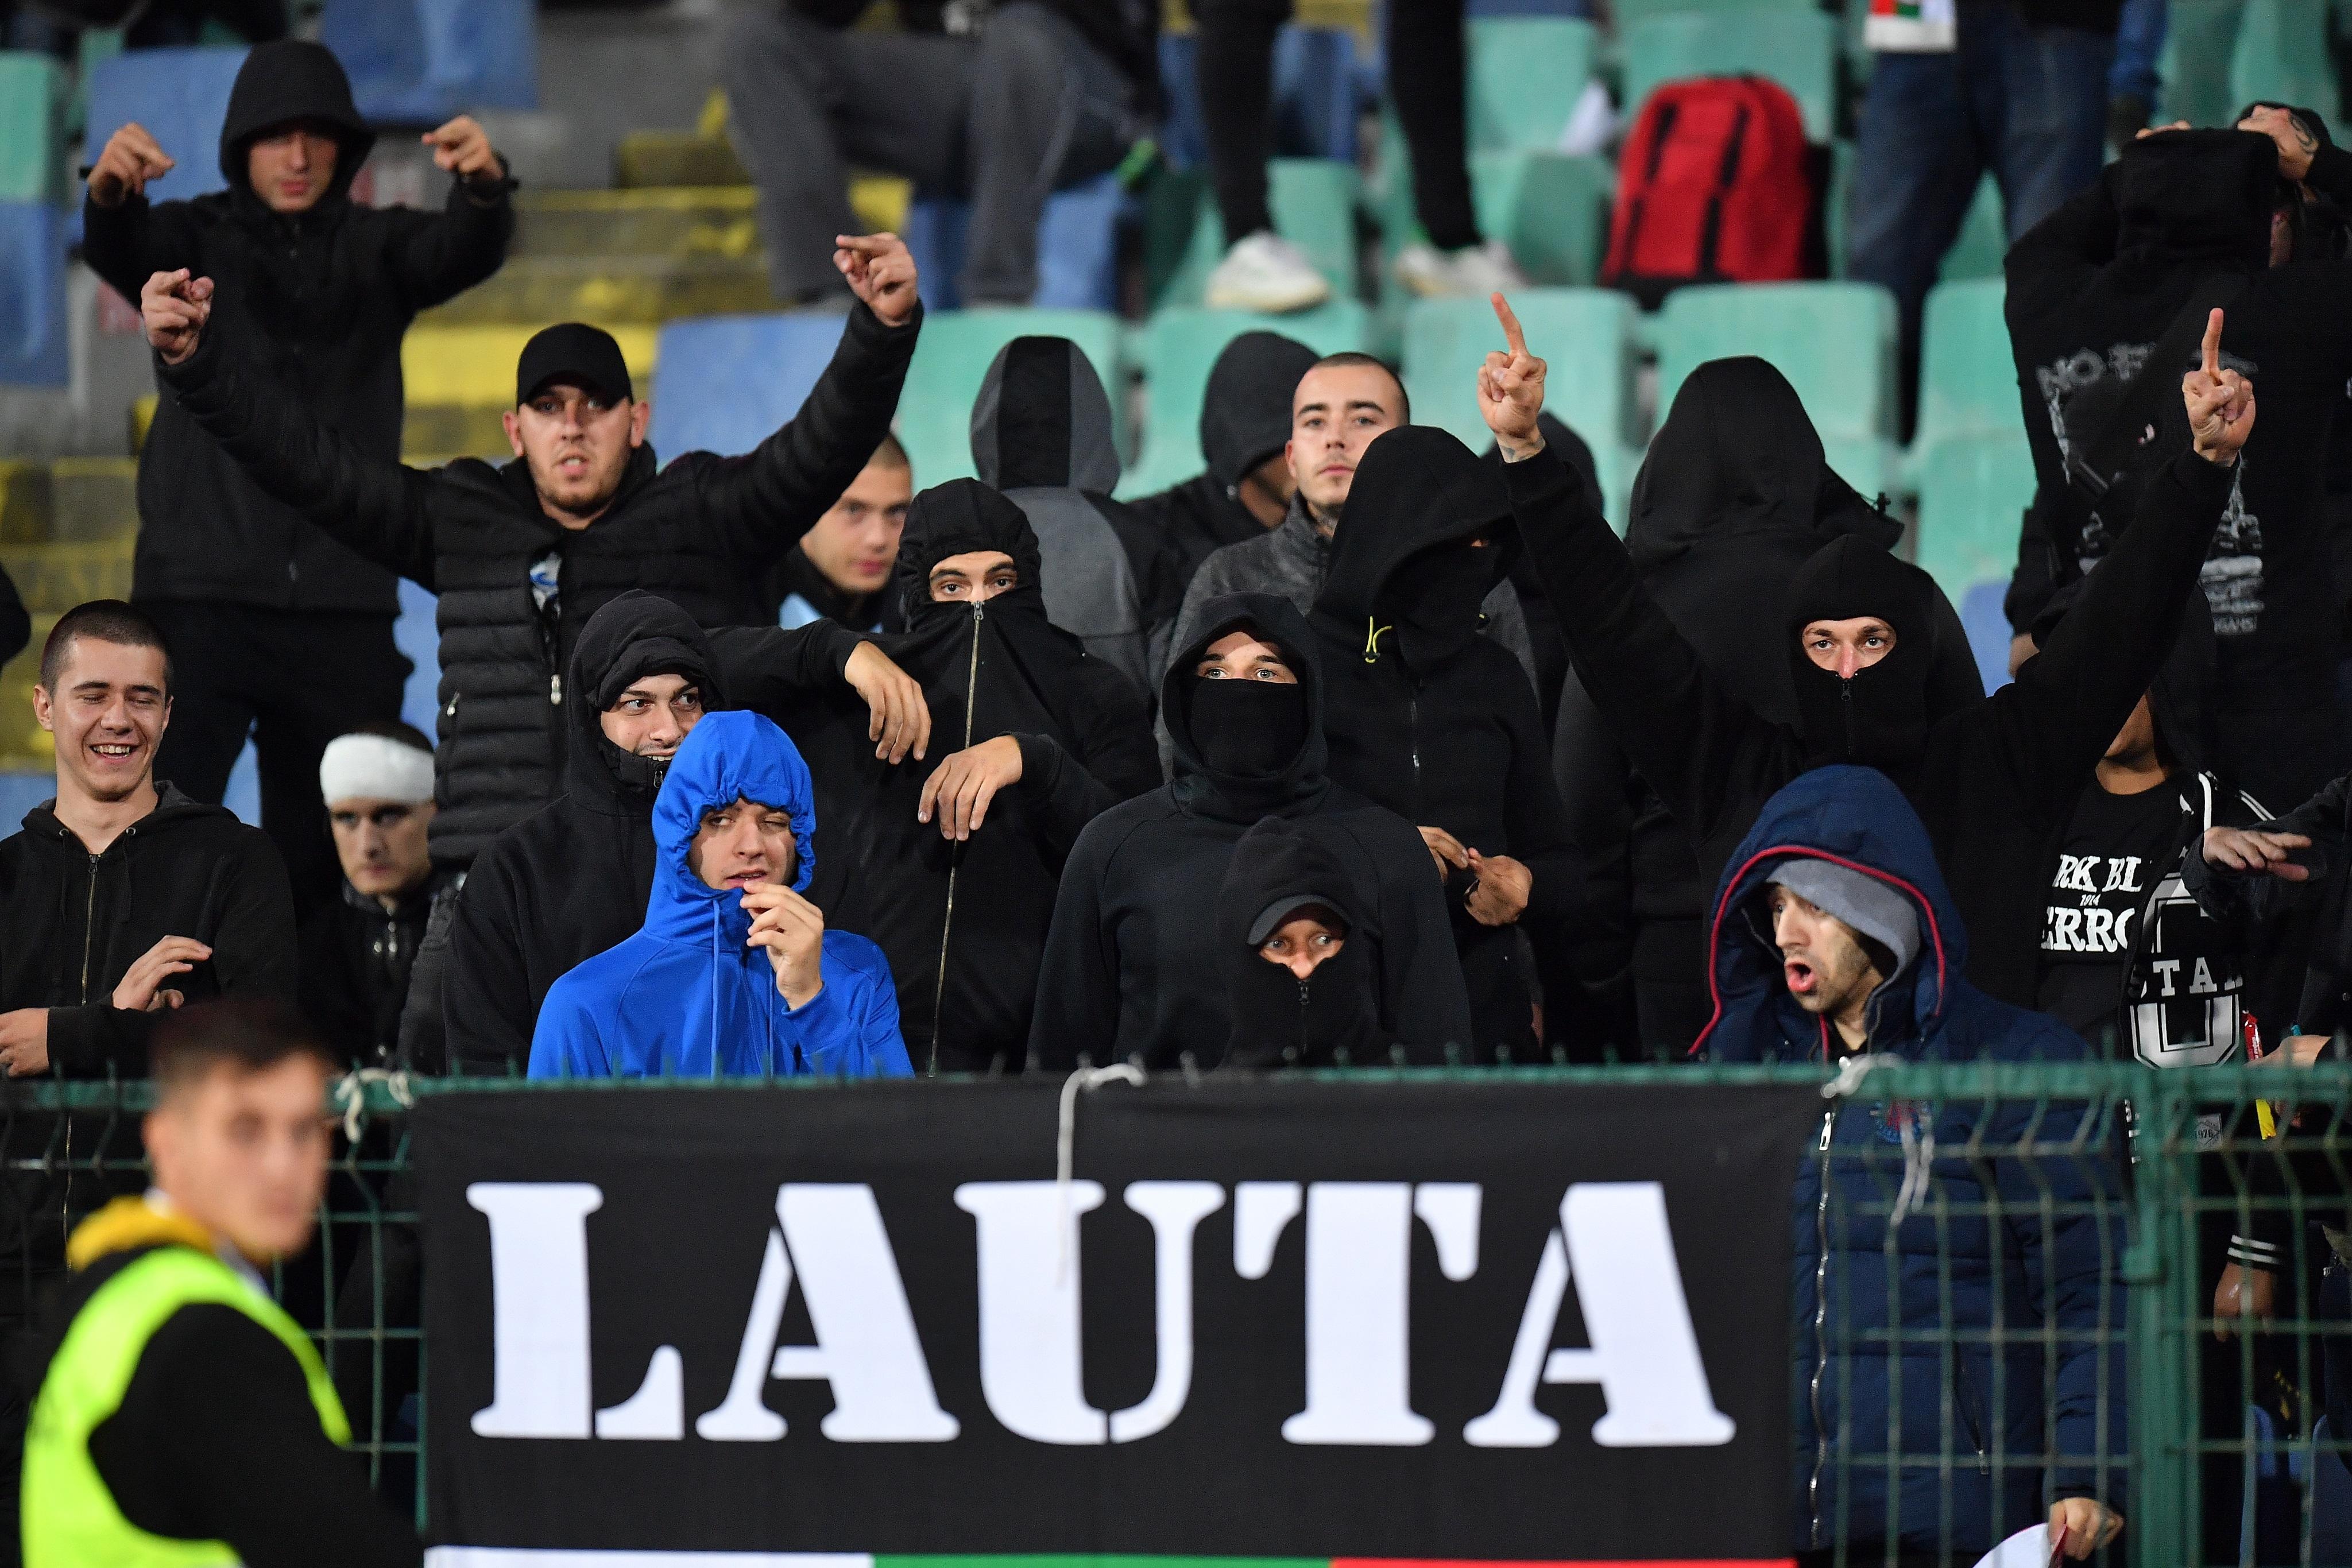 """Гръмки заглавия """"Срам"""", """"Изритахме ги"""", """"Загубеняци"""" в медиите след расистките викове на мача, загубен от България с 6 на 0."""